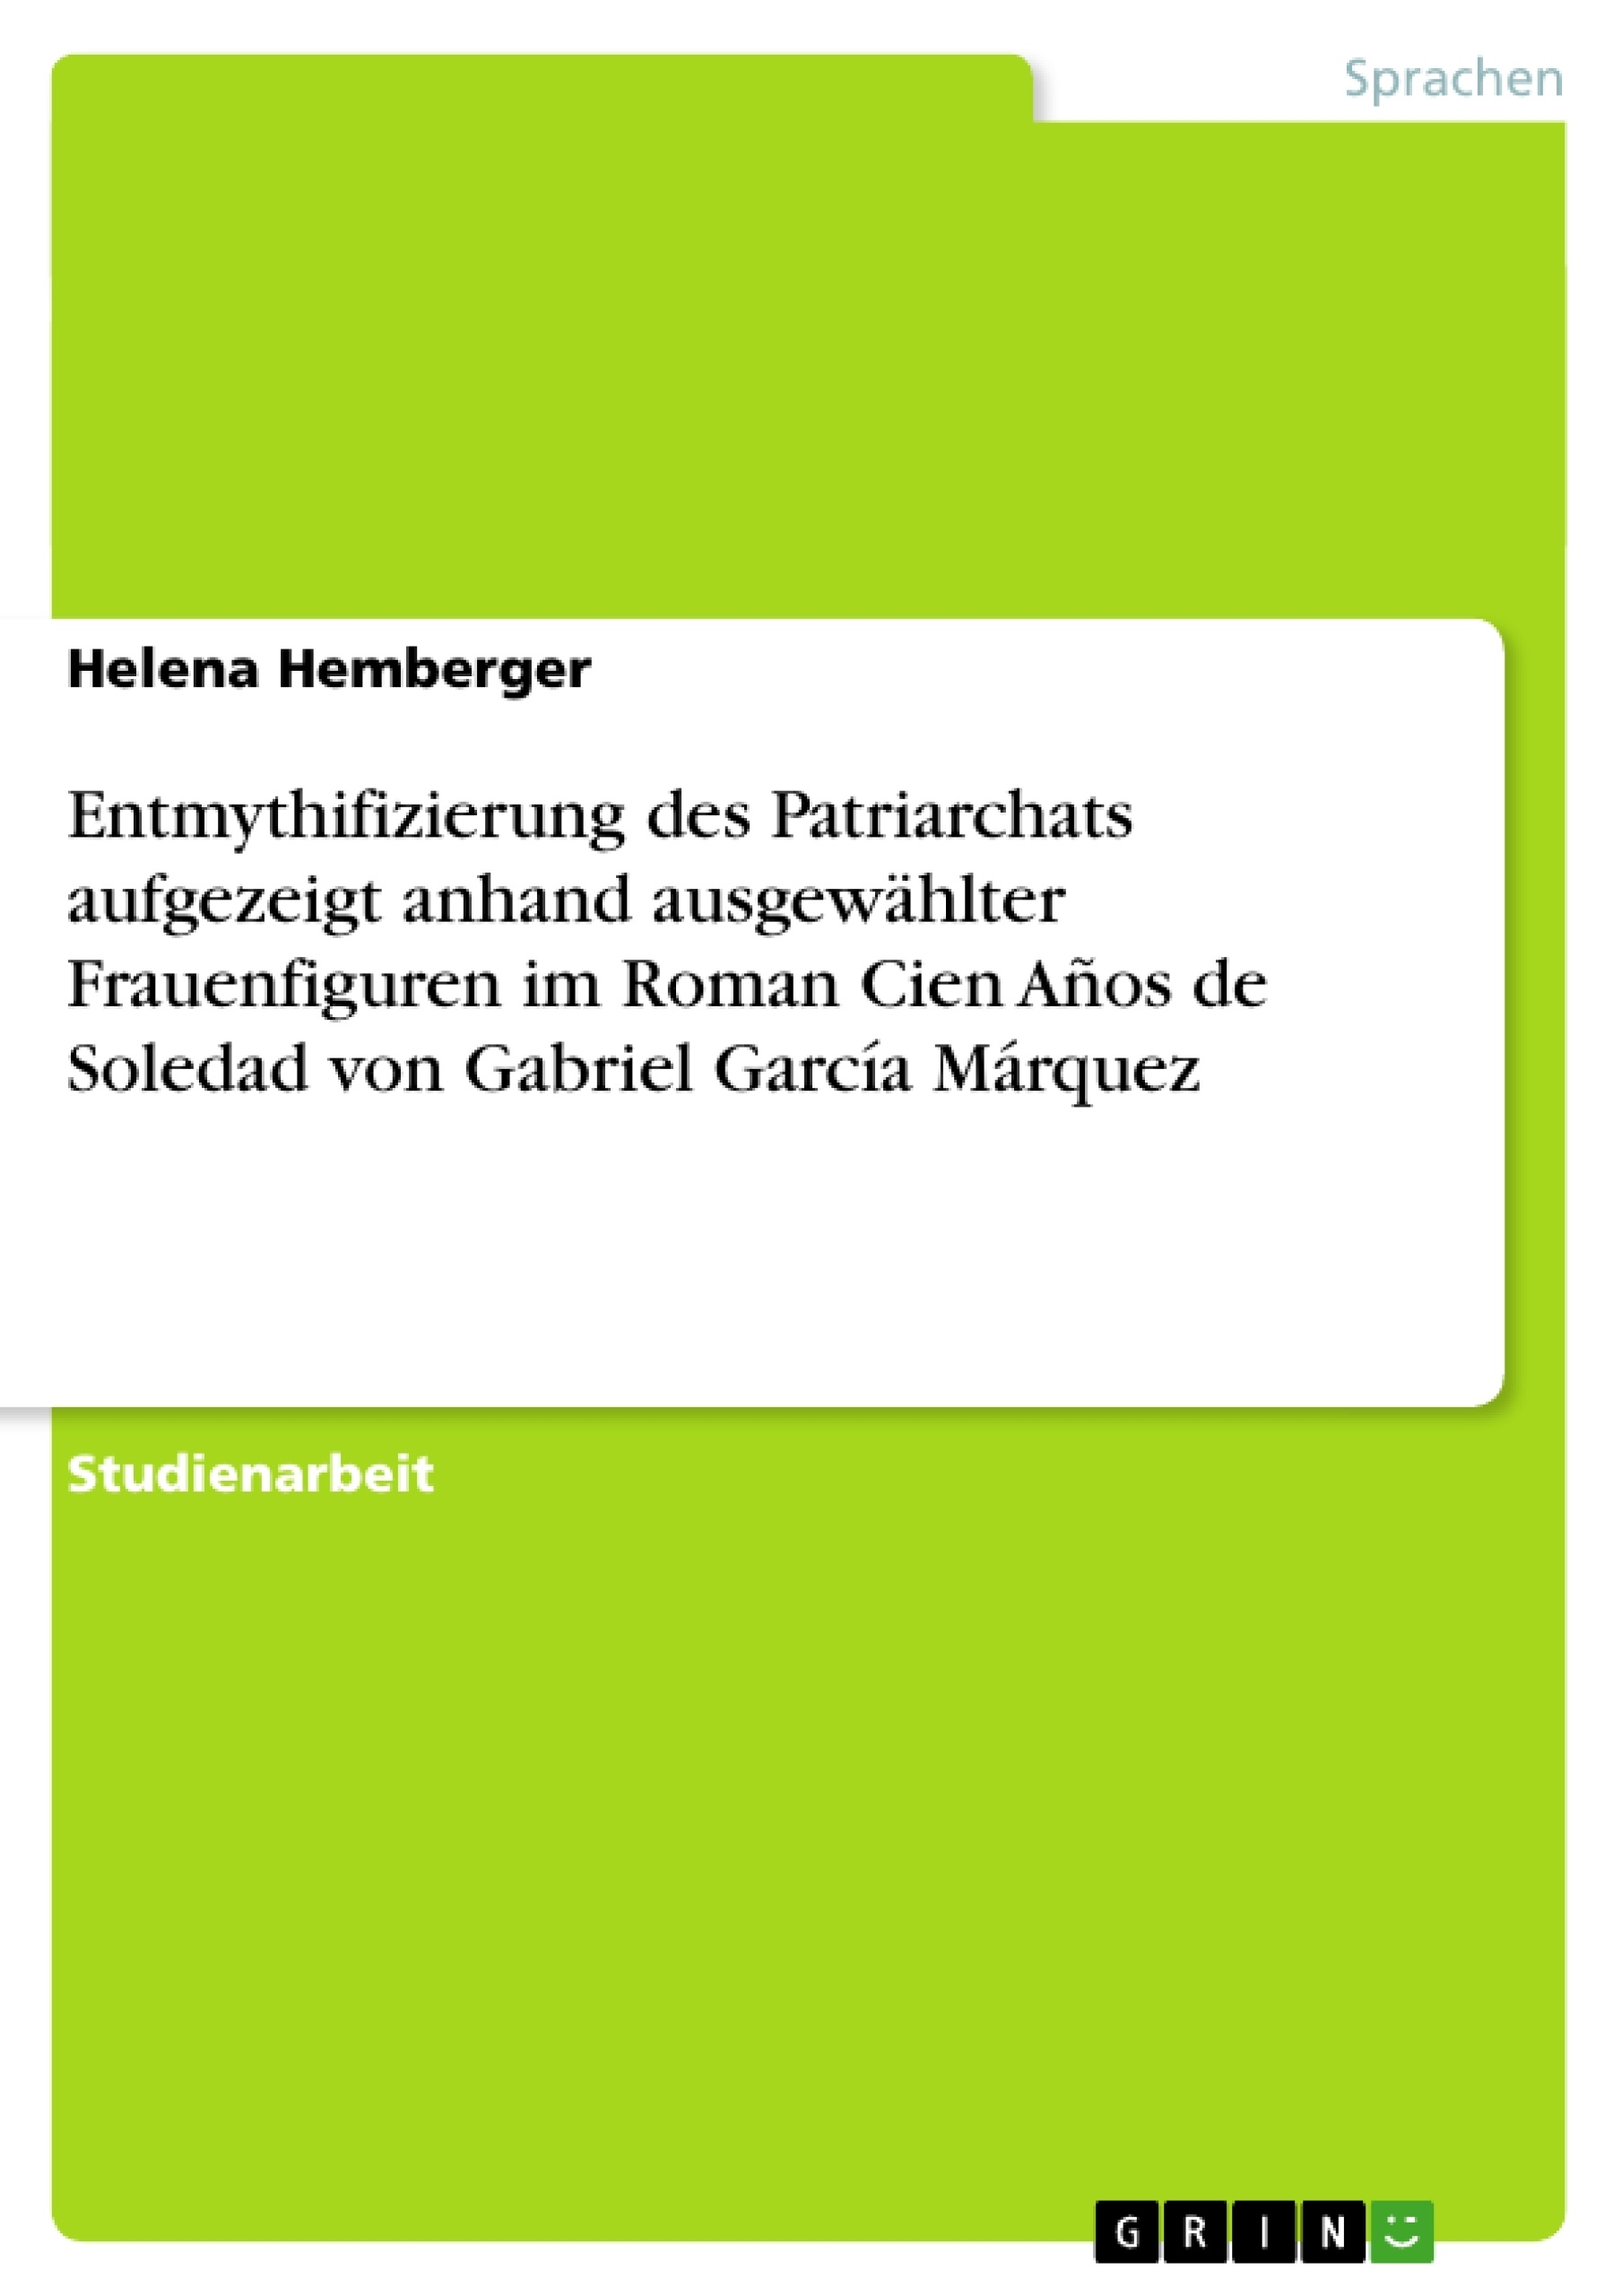 Titel: Entmythifizierung des Patriarchats aufgezeigt anhand ausgewählter Frauenfiguren im Roman Cien Años de Soledad von Gabriel García Márquez